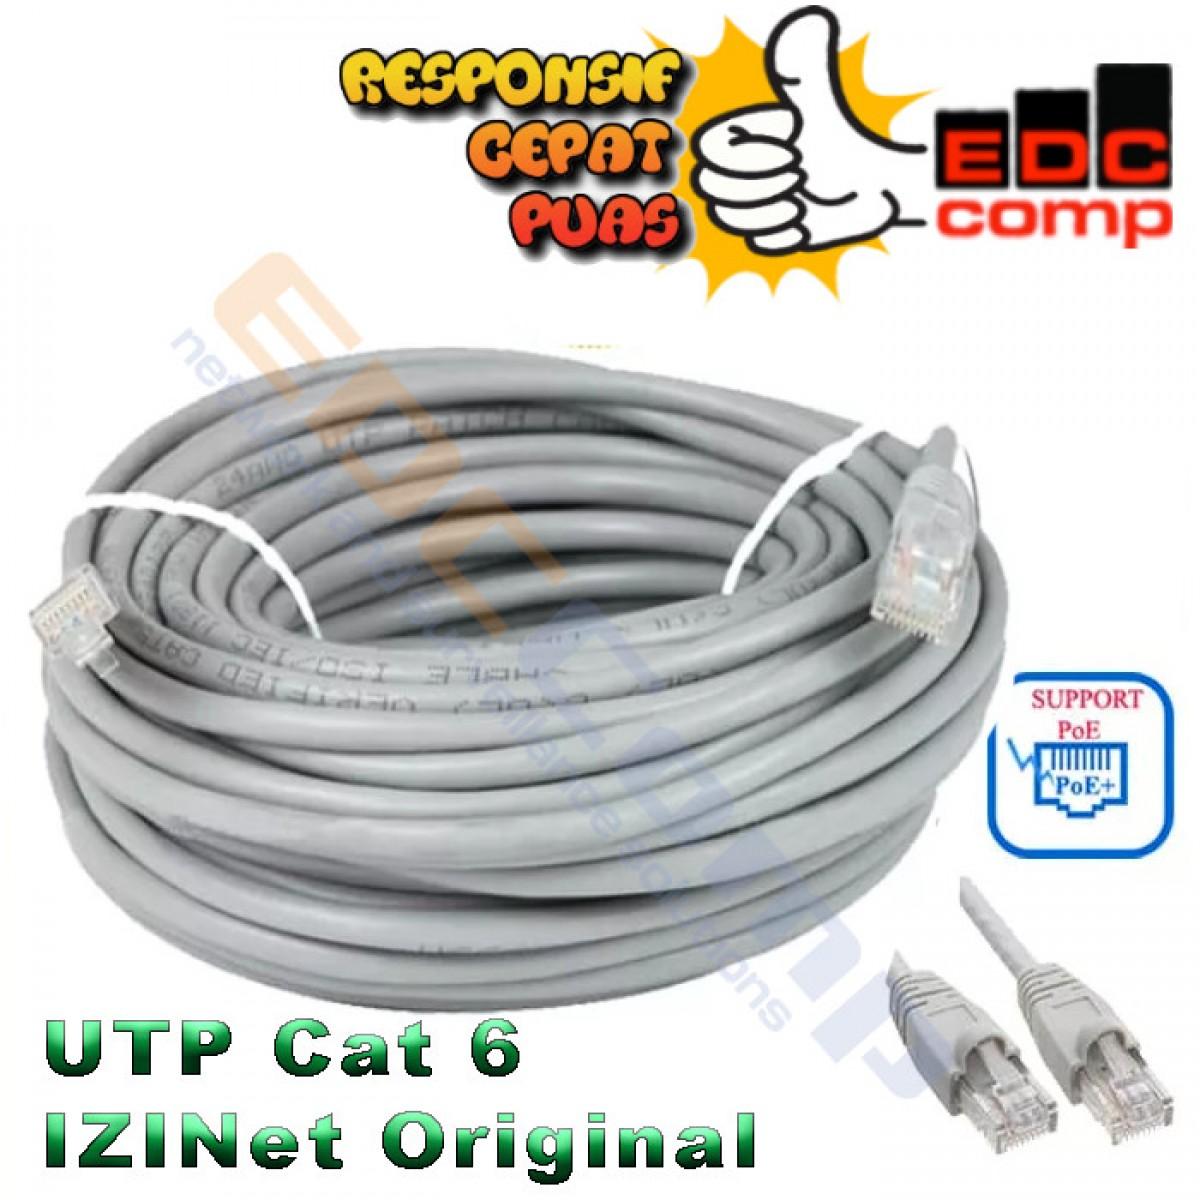 Kabel IZINET UTP Cat6 / Cable Izinet Cat6 10 Meter - EdcComp